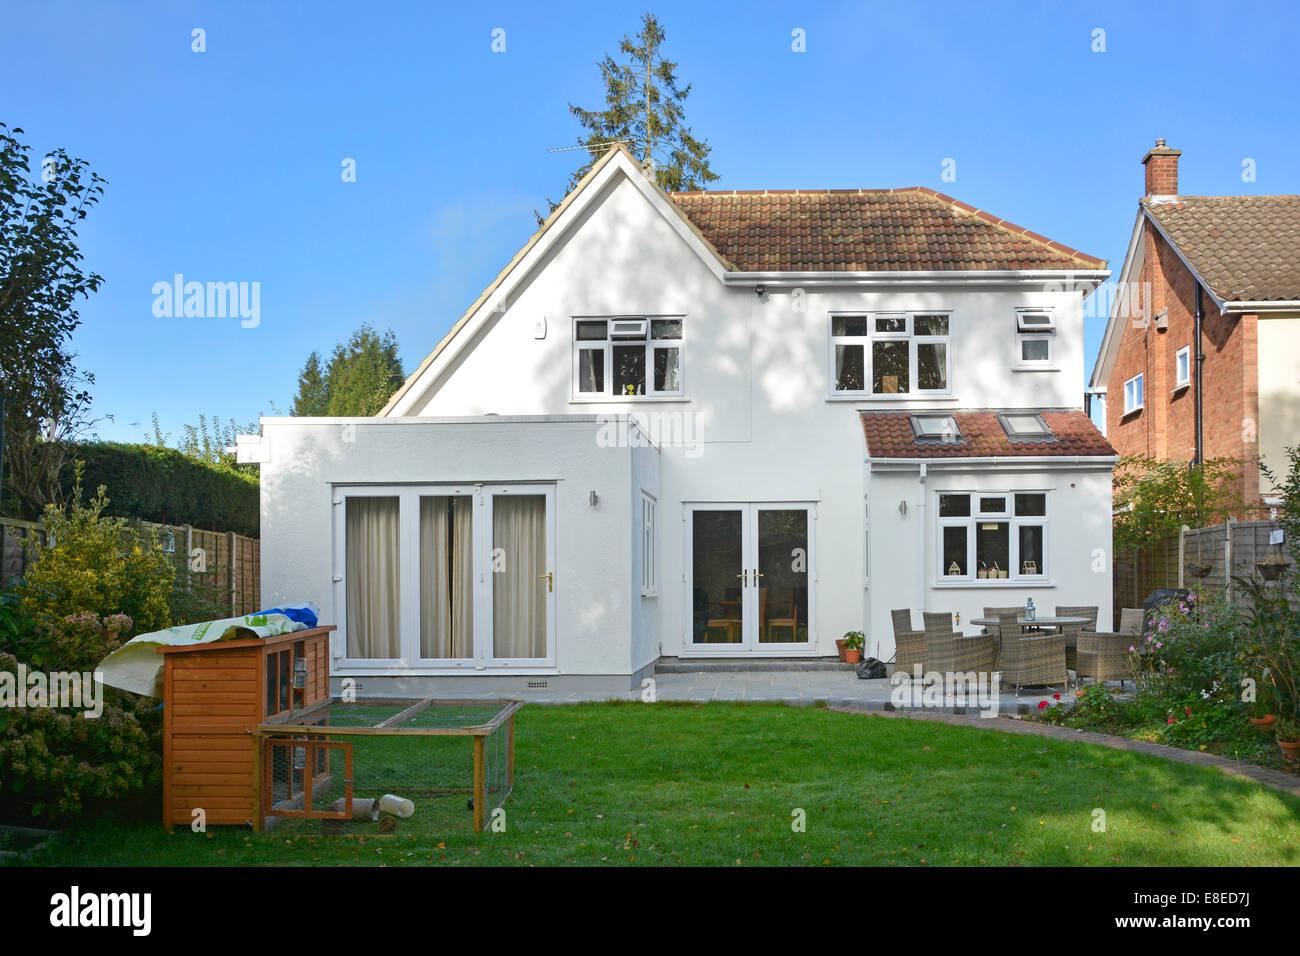 Abgeschlossene 2-stöckiges Einfamilienhaus seitliche Verlängerung Dach Werke & Terrasse von hinten Stockbild